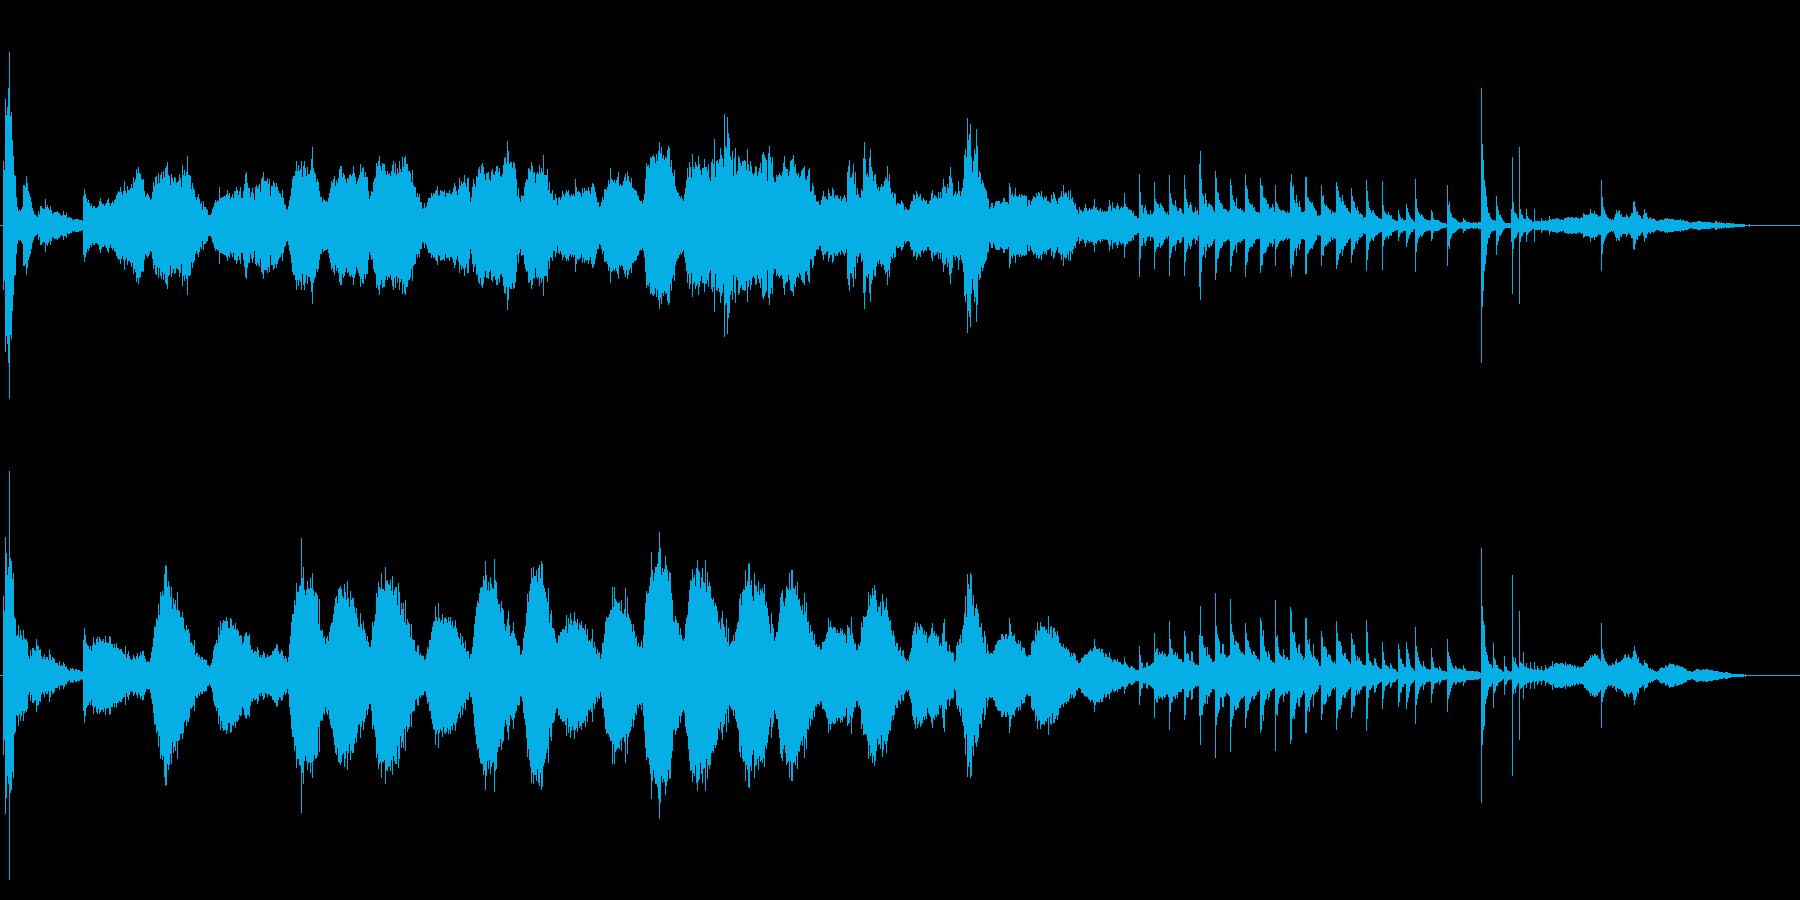 シンセサイザー主体の怪しいBGMの再生済みの波形